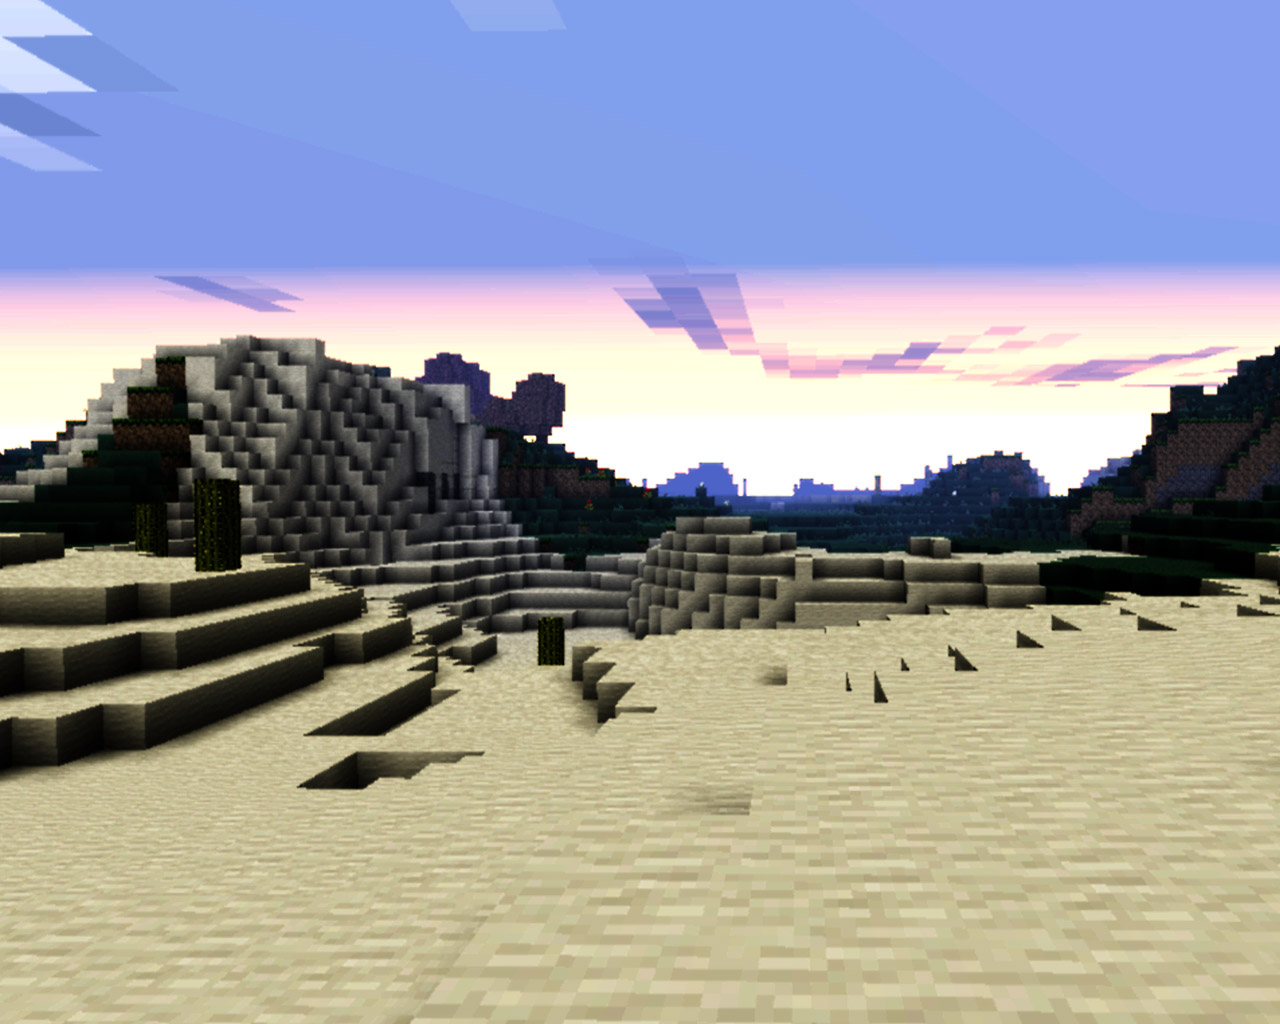 Minecraft Wallpaper in 1280x1024